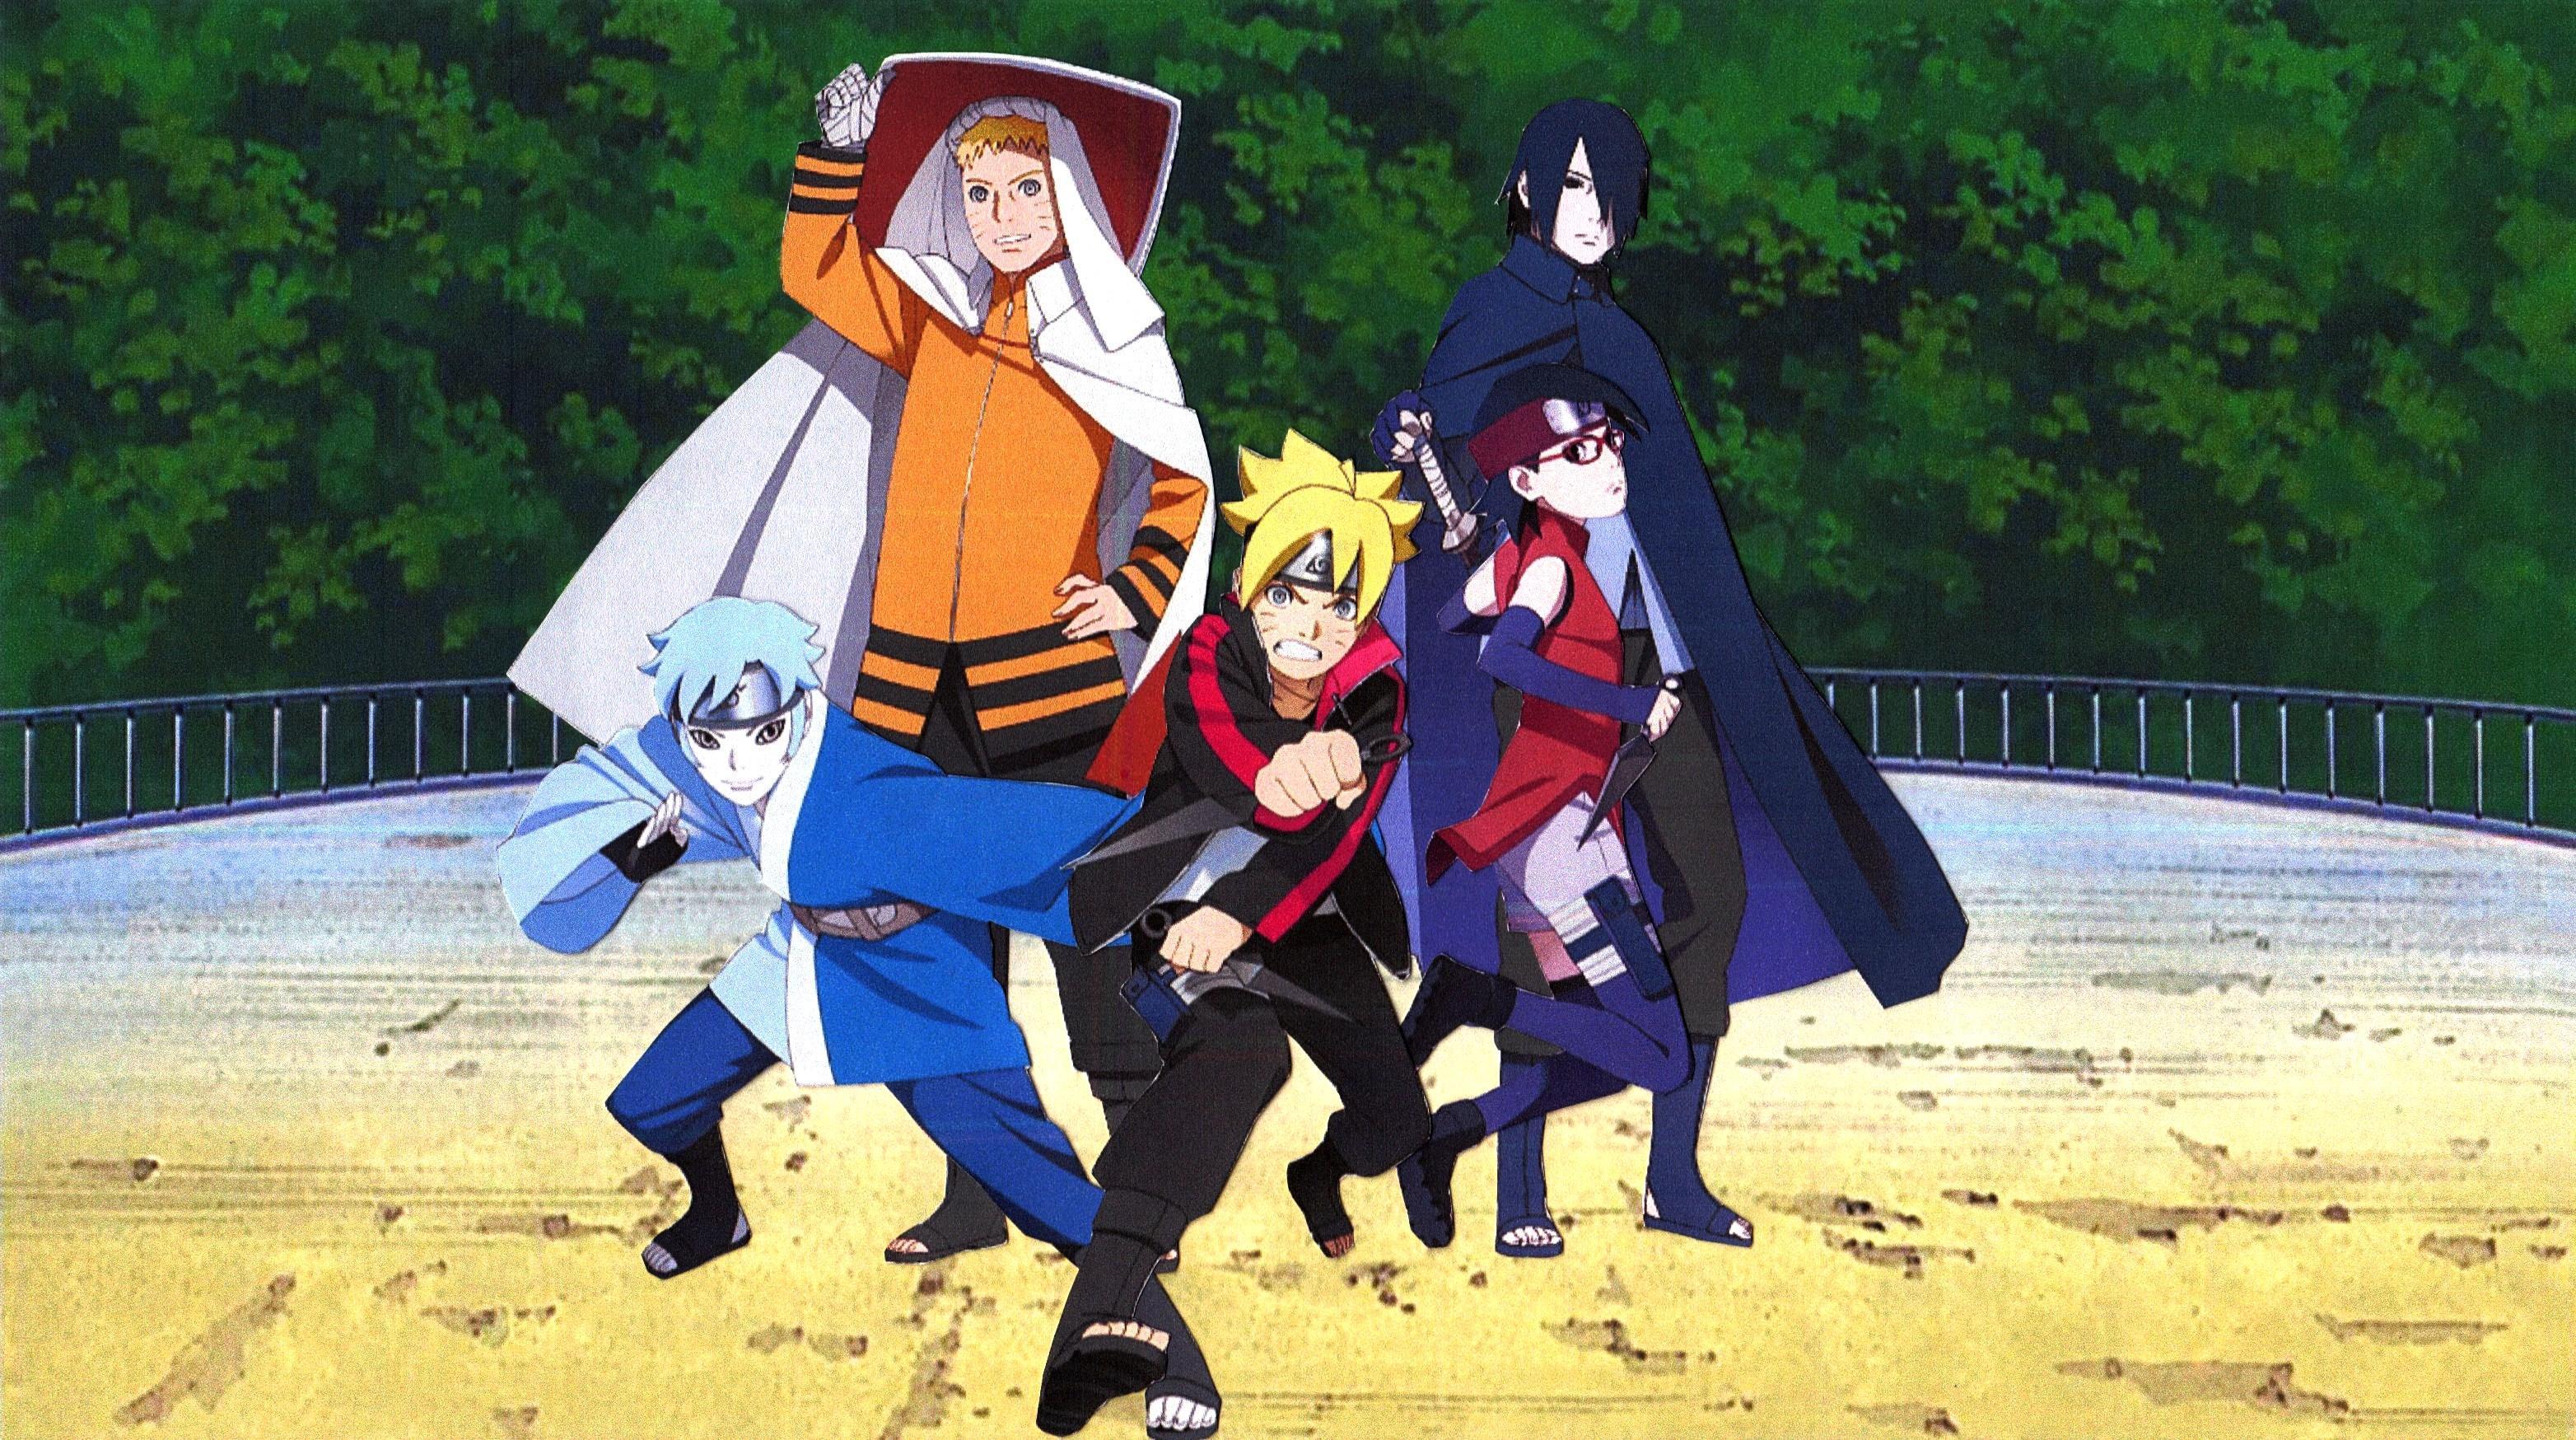 Download 65 Koleksi Wallpaper Naruto Boruto Terbaru Gratis Terbaru